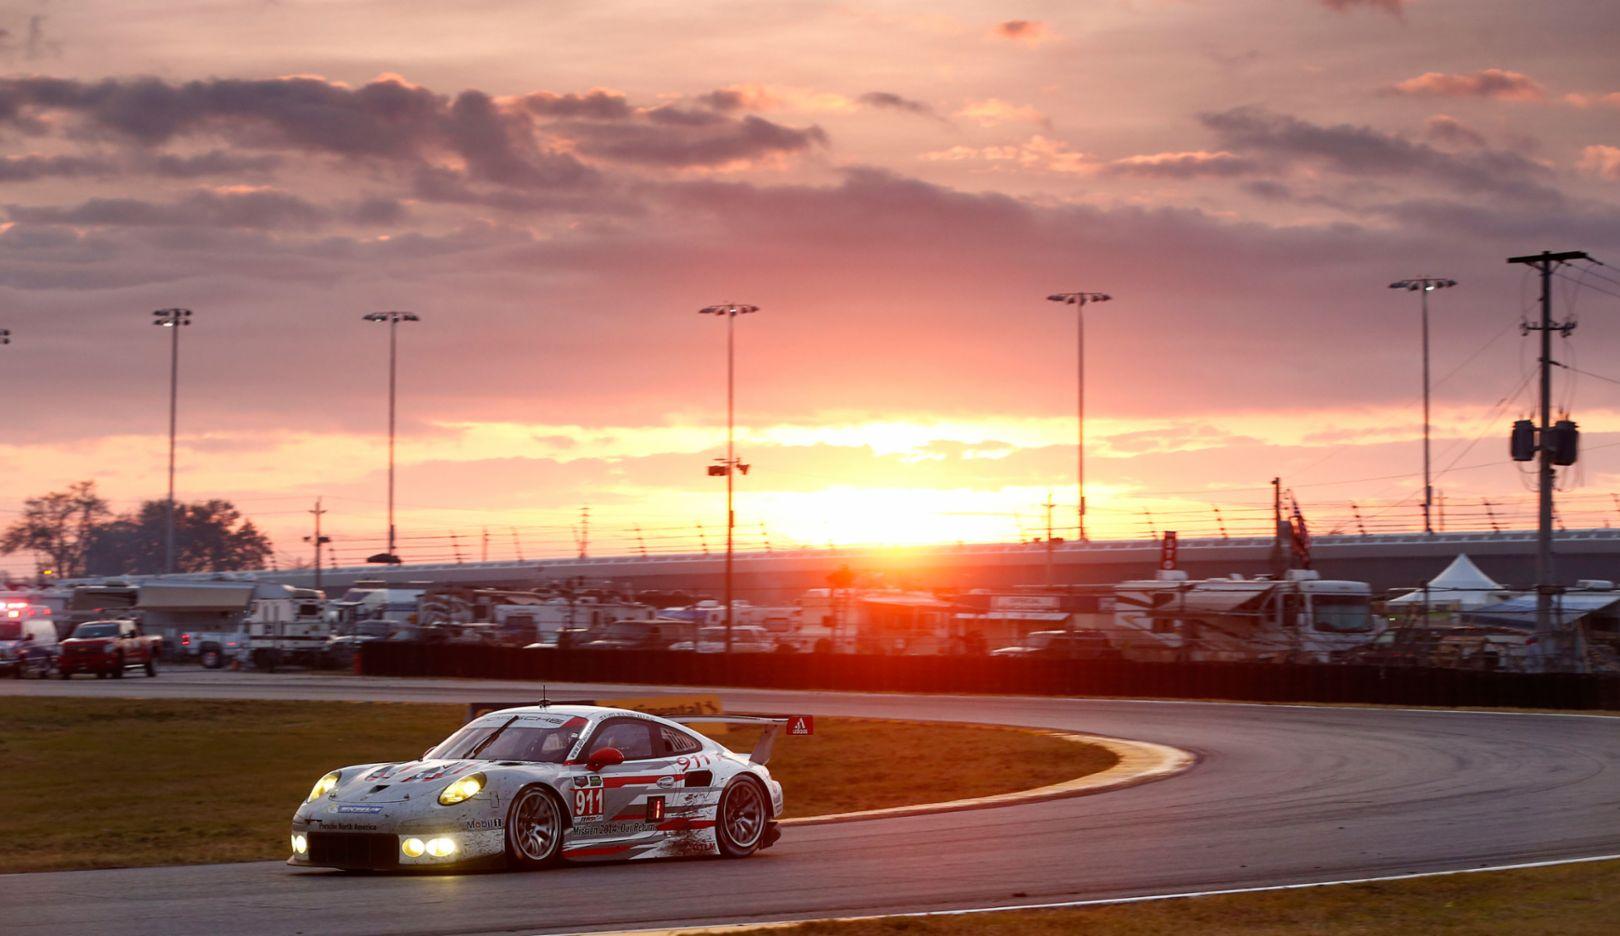 911 RSR, Porsche North America, 2015, Porsche AG